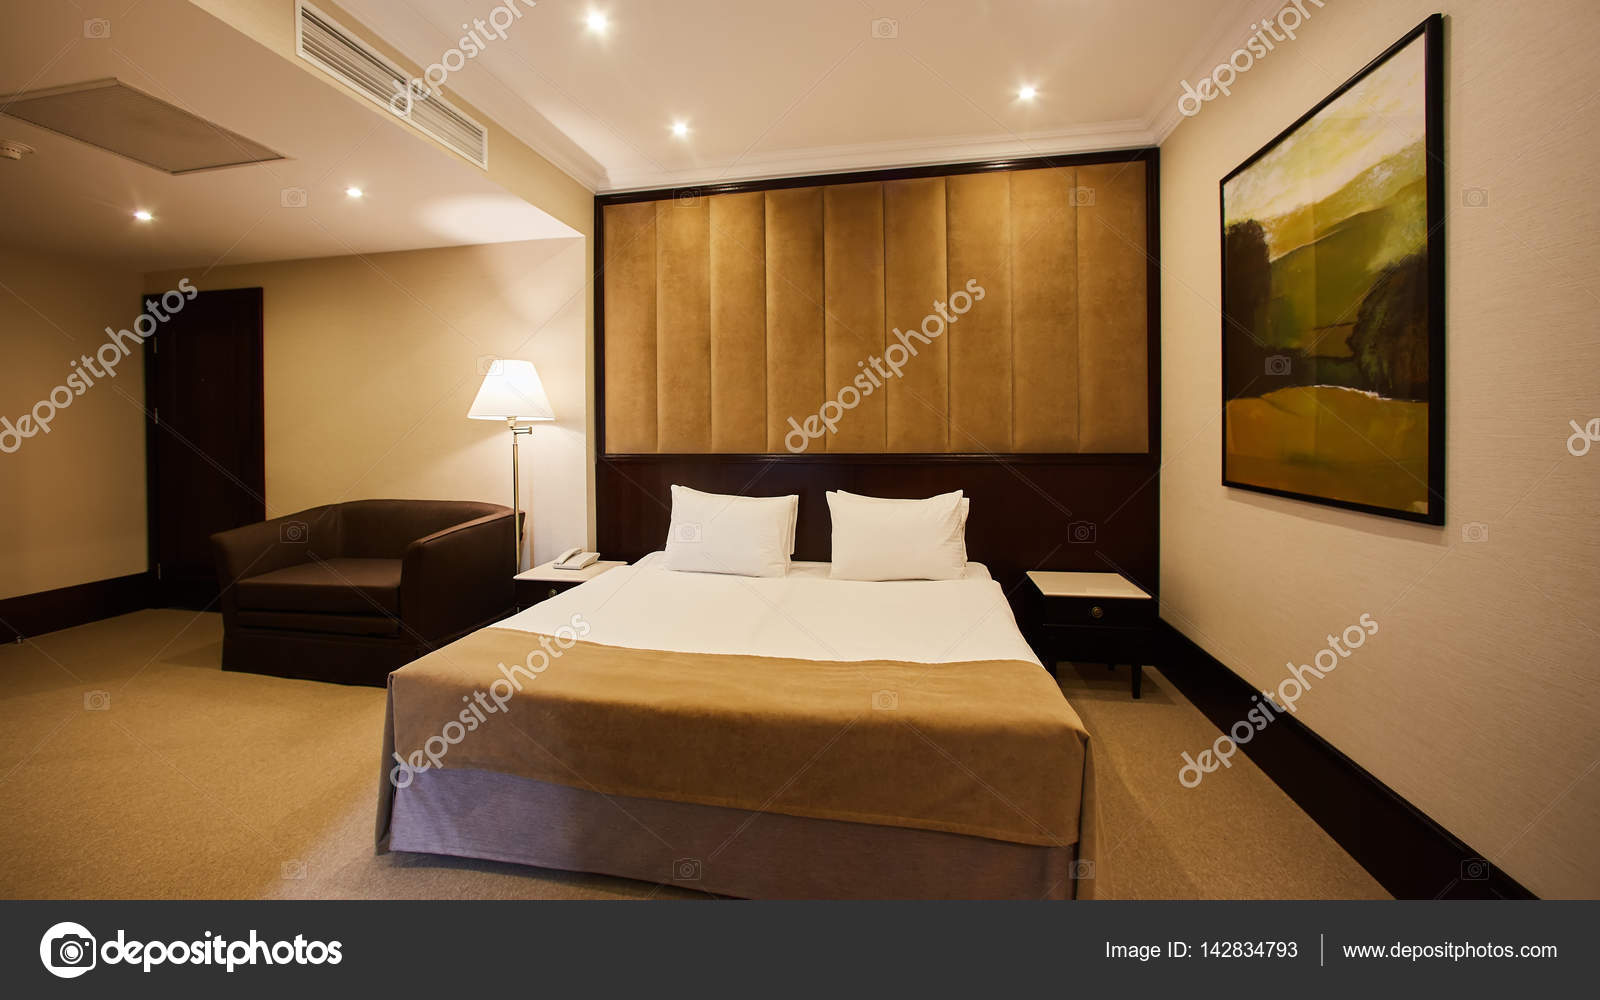 Bella camera da letto decorazione interni design hotel for Decorazione interni